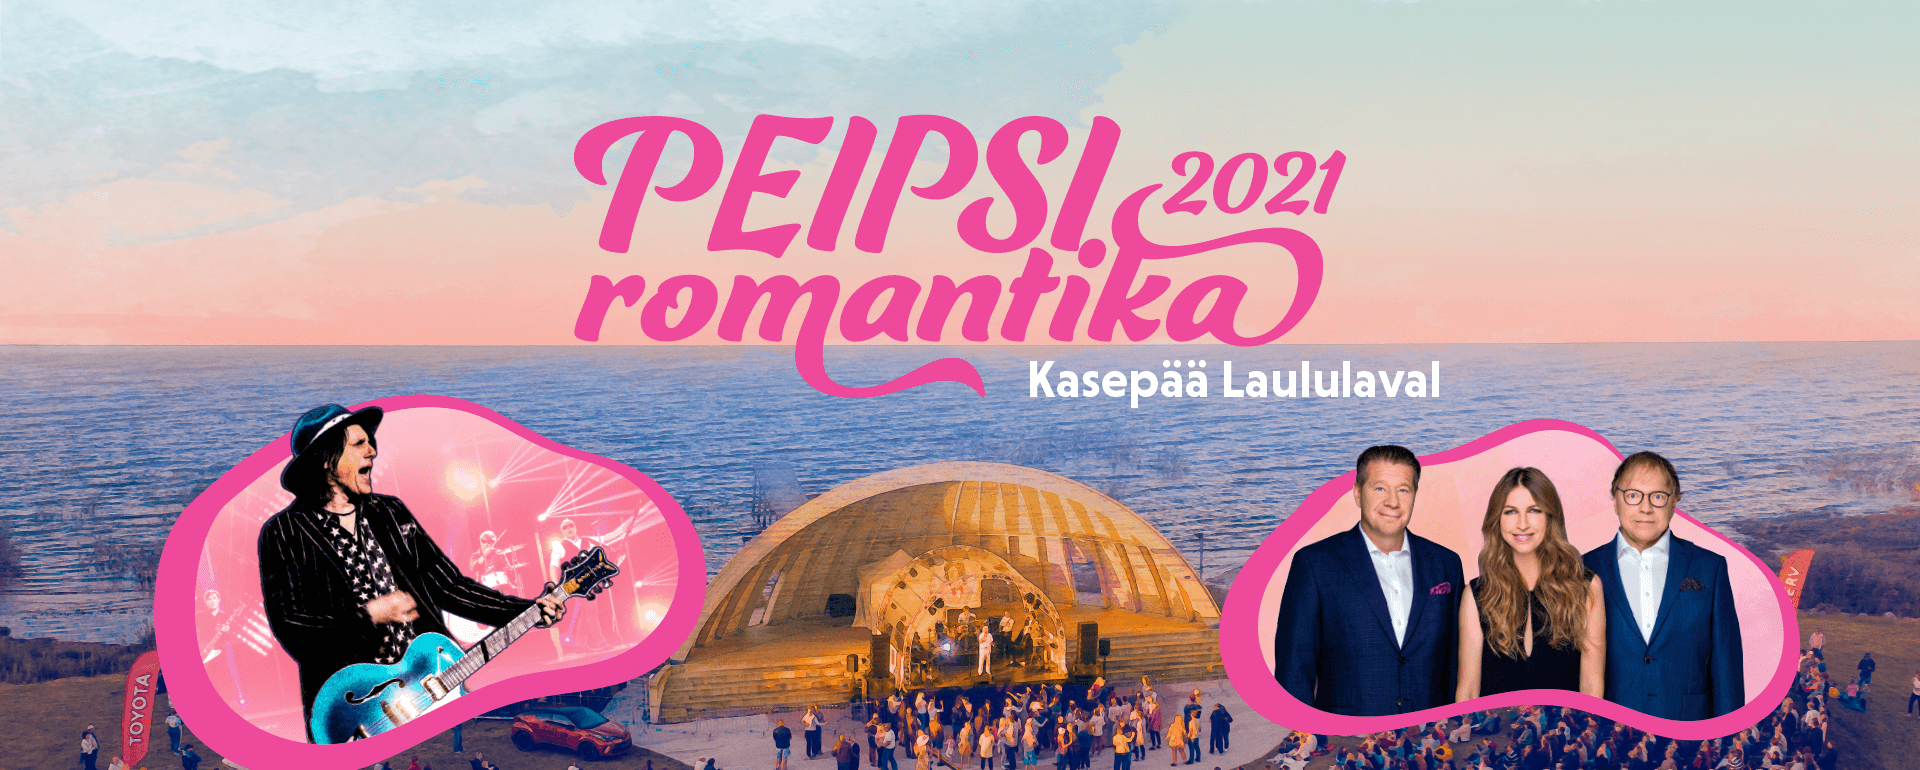 Peipsi Romantika 2021